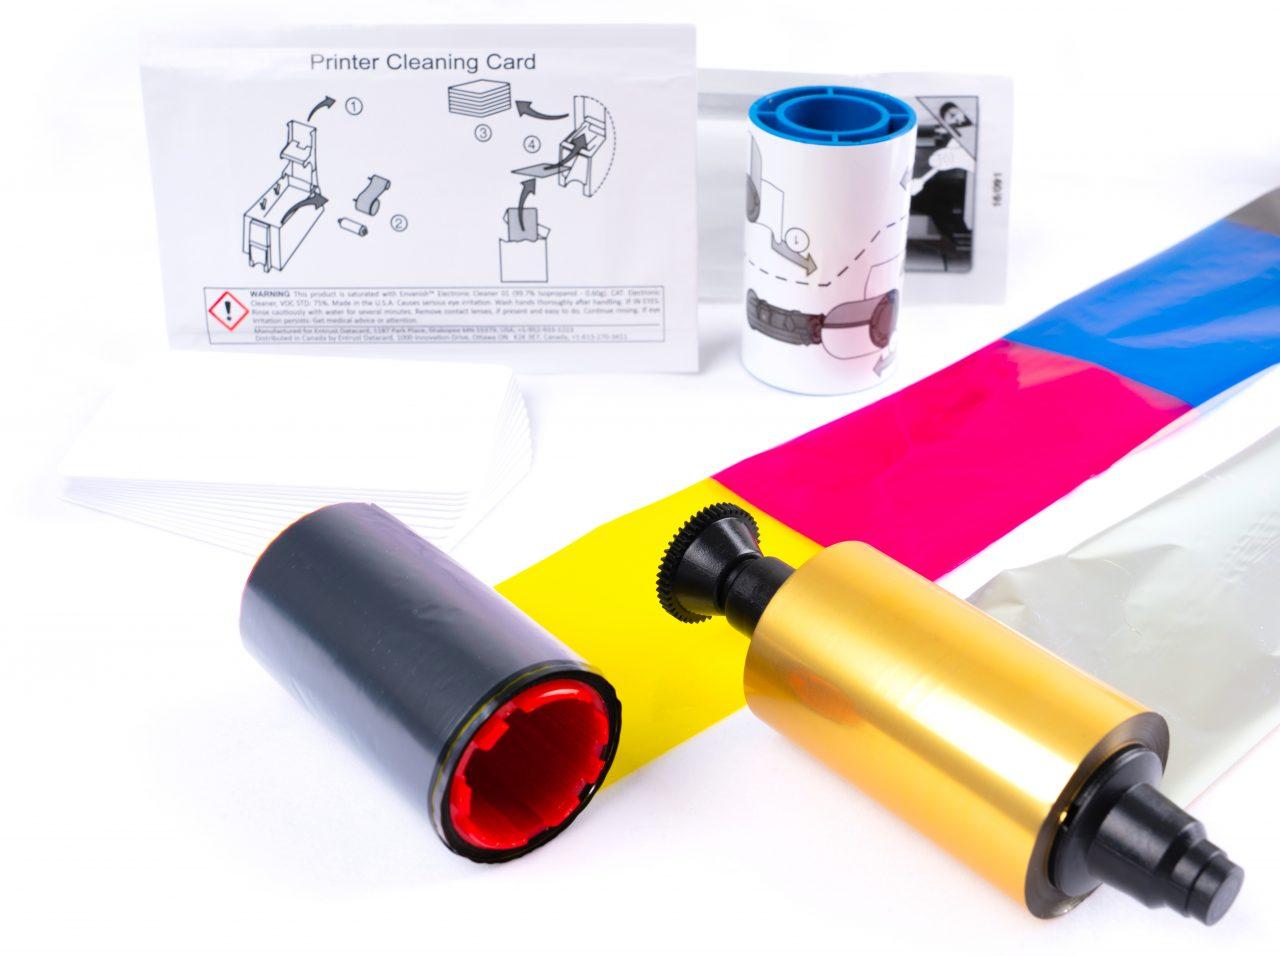 Farbbänder, Reinigungsmaterial und Kartenrohlinge